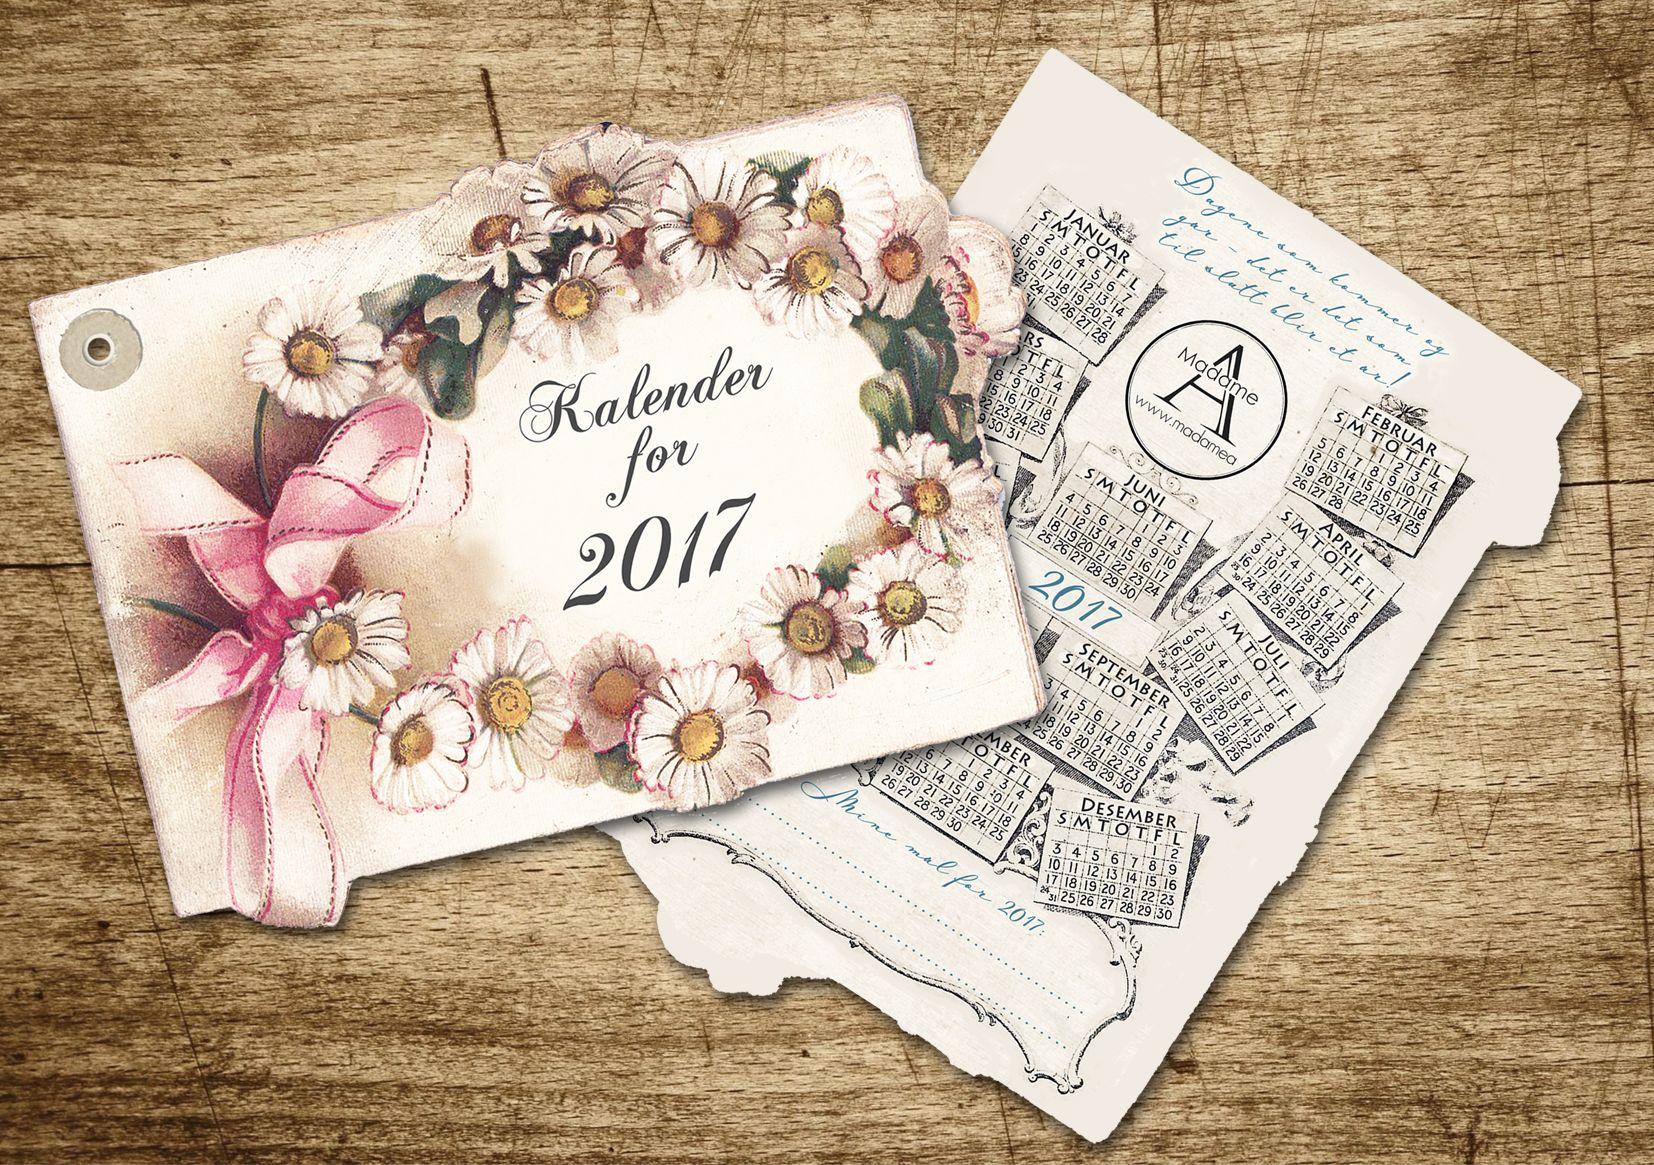 Vakker kalender med blomsterkrans. Leveres med rosa papirbånd for oppheng. Mål: ca 29,5 cm x 20,5 cm